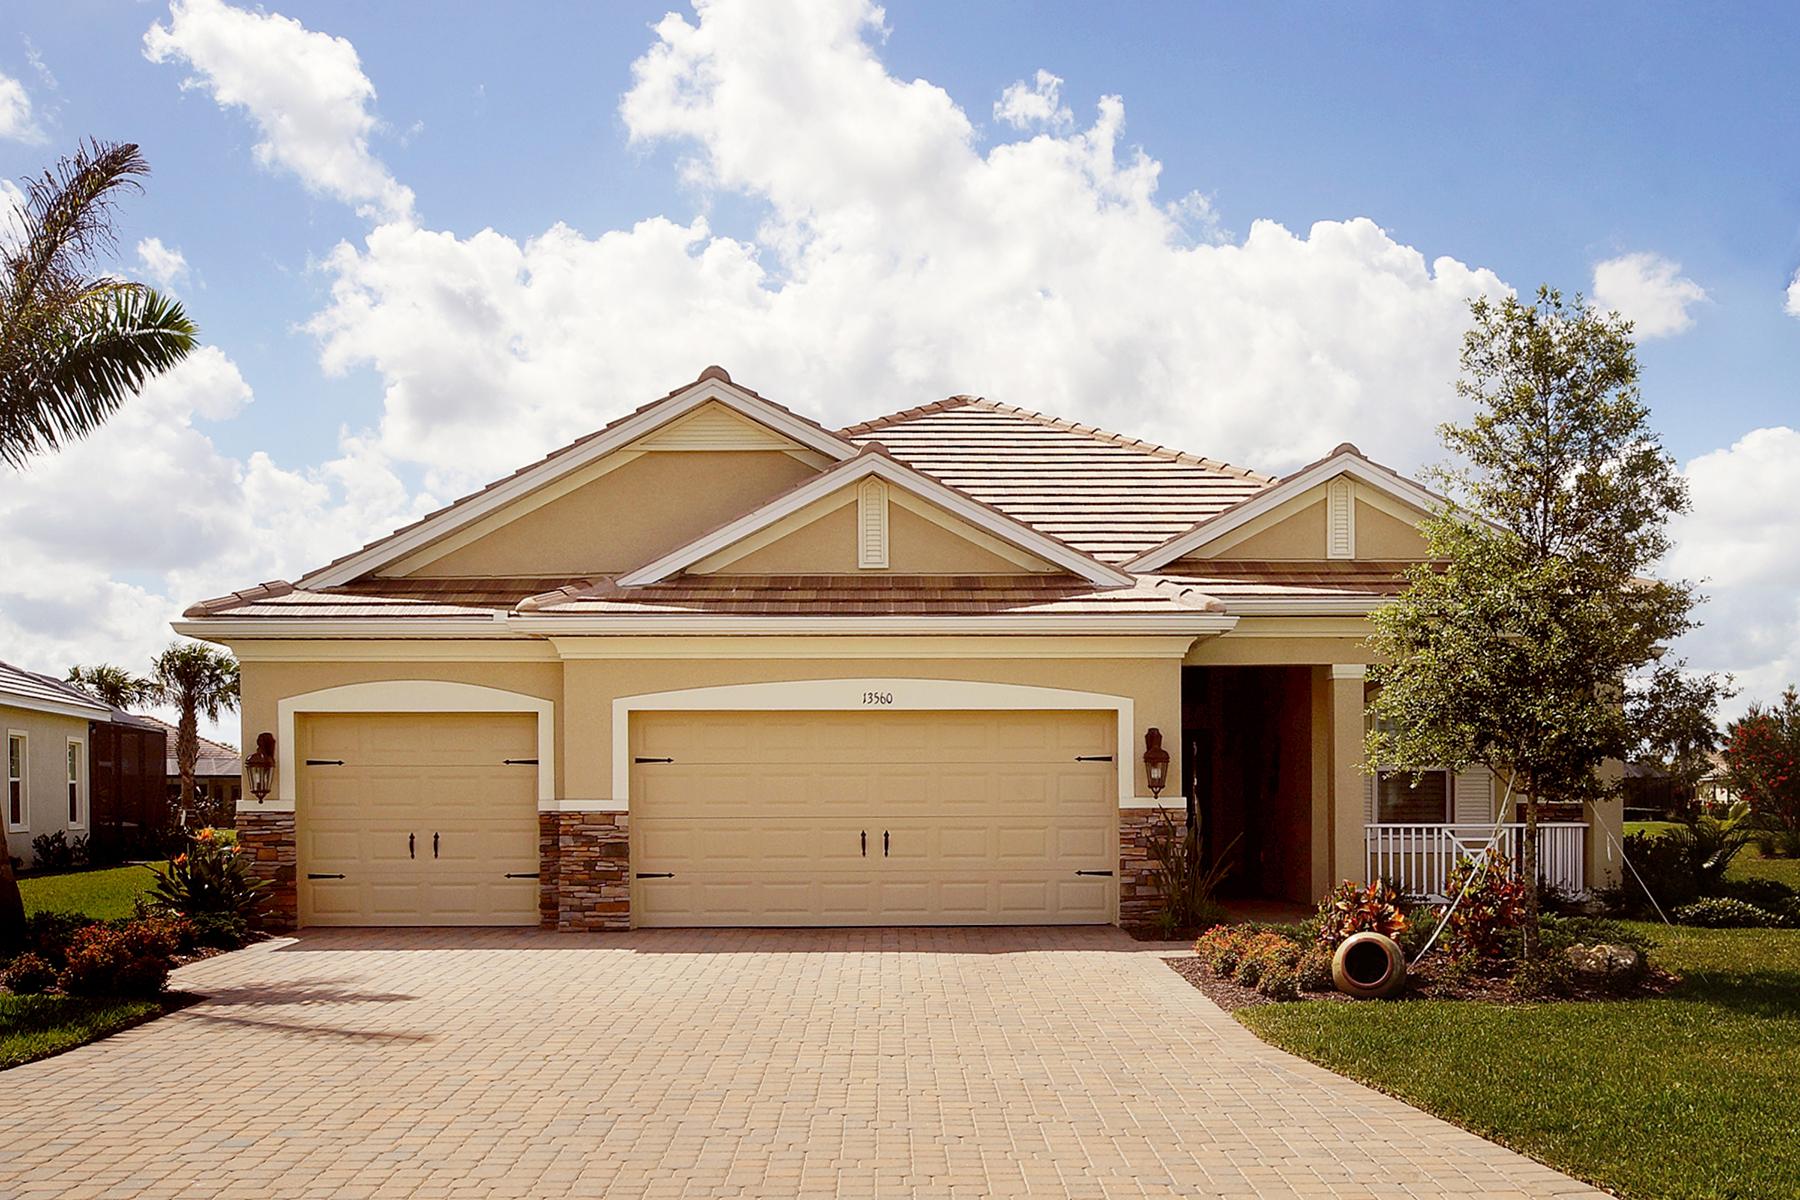 Maison unifamiliale pour l Vente à PALMETTO GROVE - VERANDAH 13560 Palmetto Grove Dr Fort Myers, Florida 33905 États-Unis